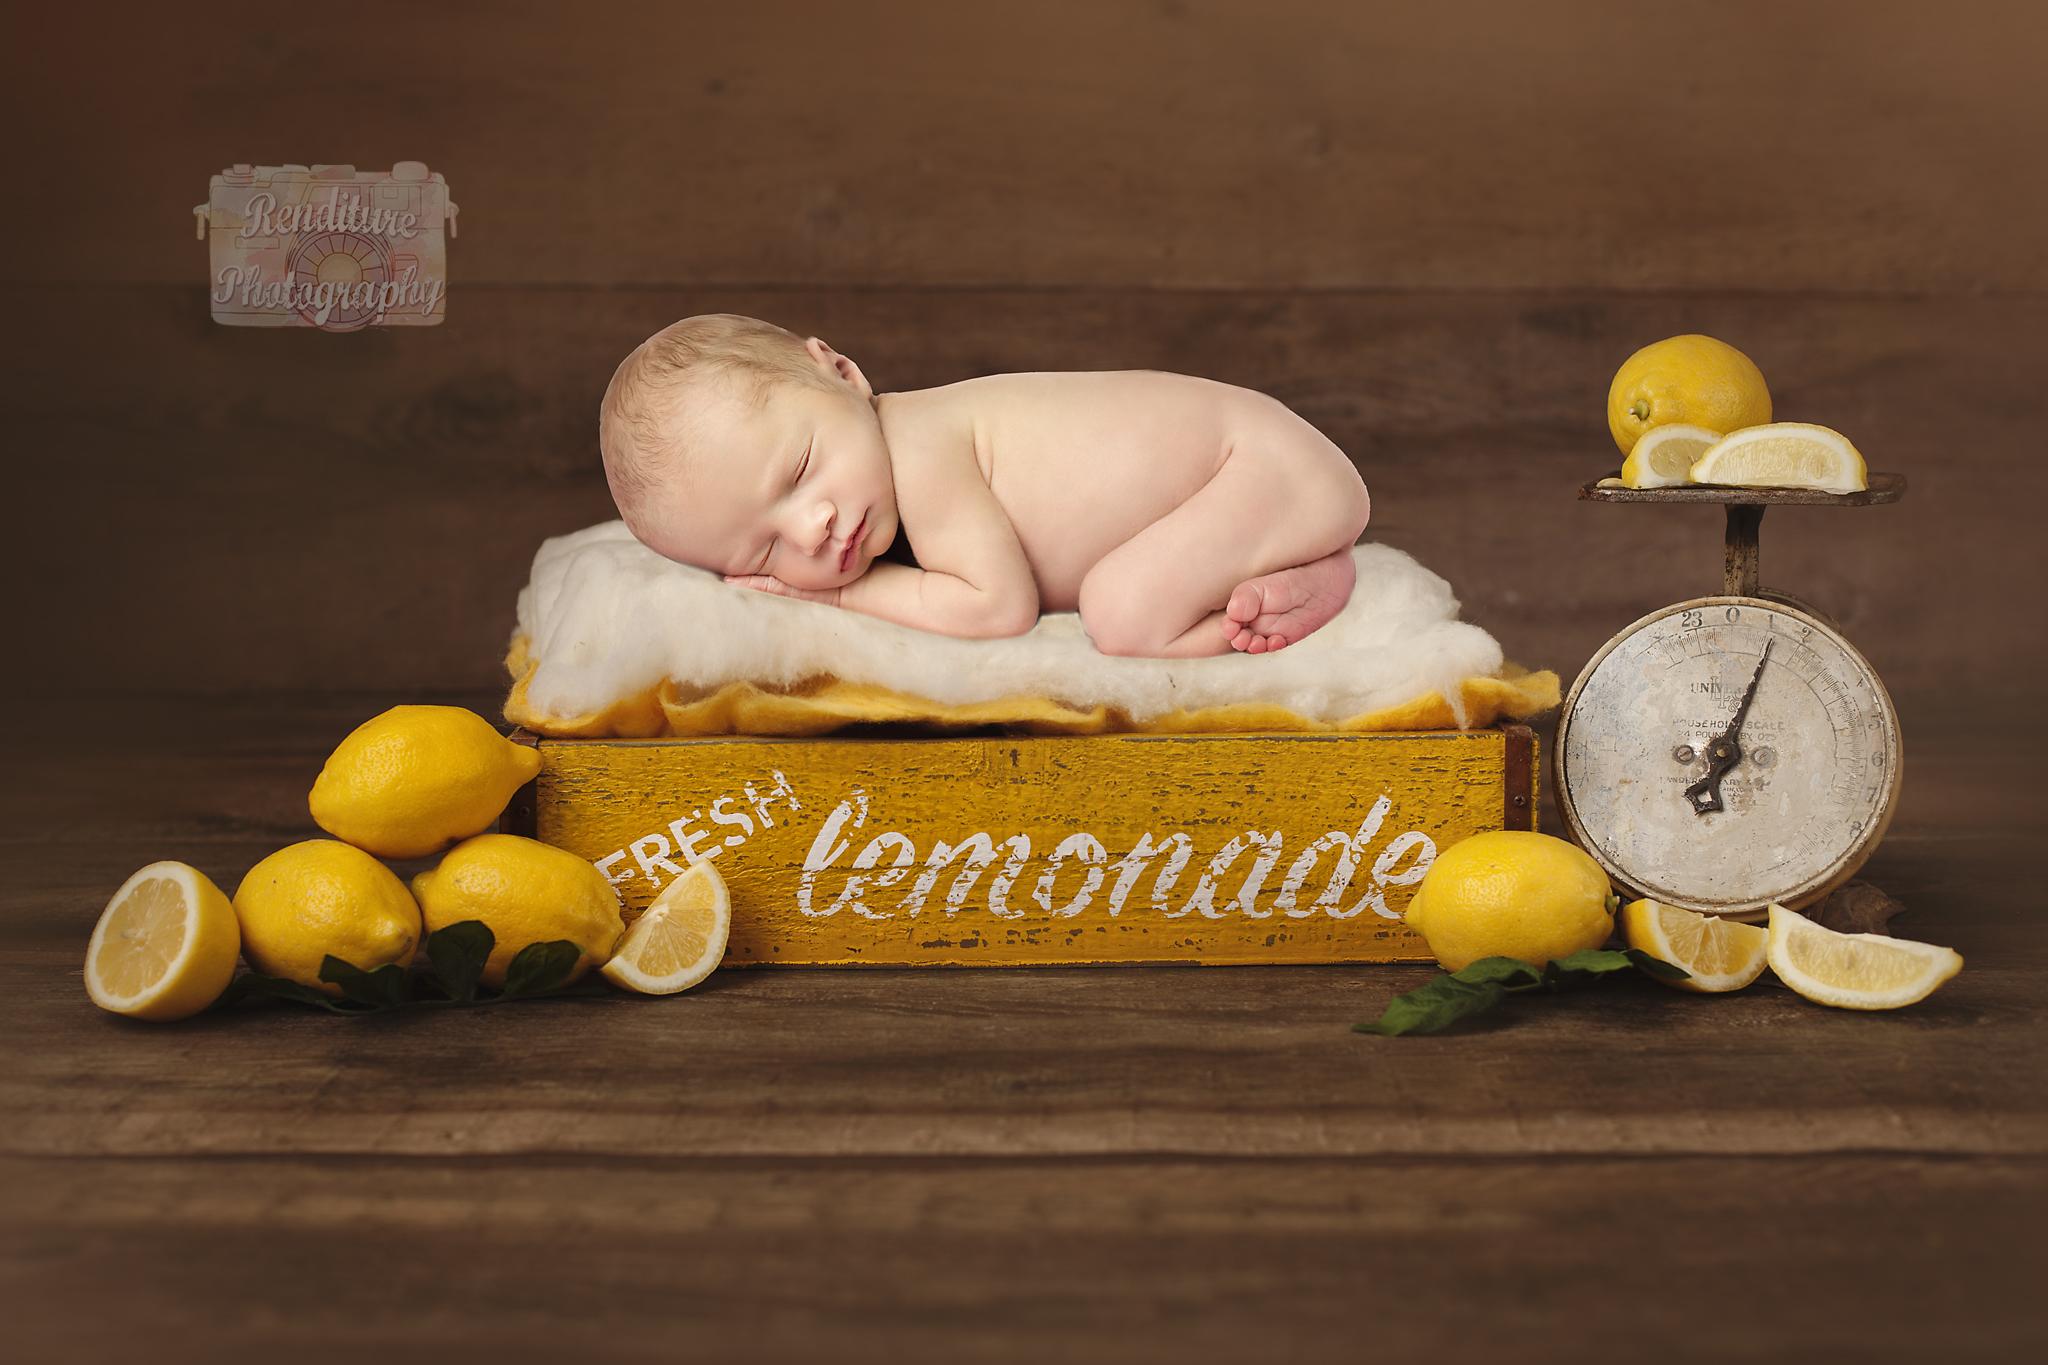 When life gives you lemons....you make art!